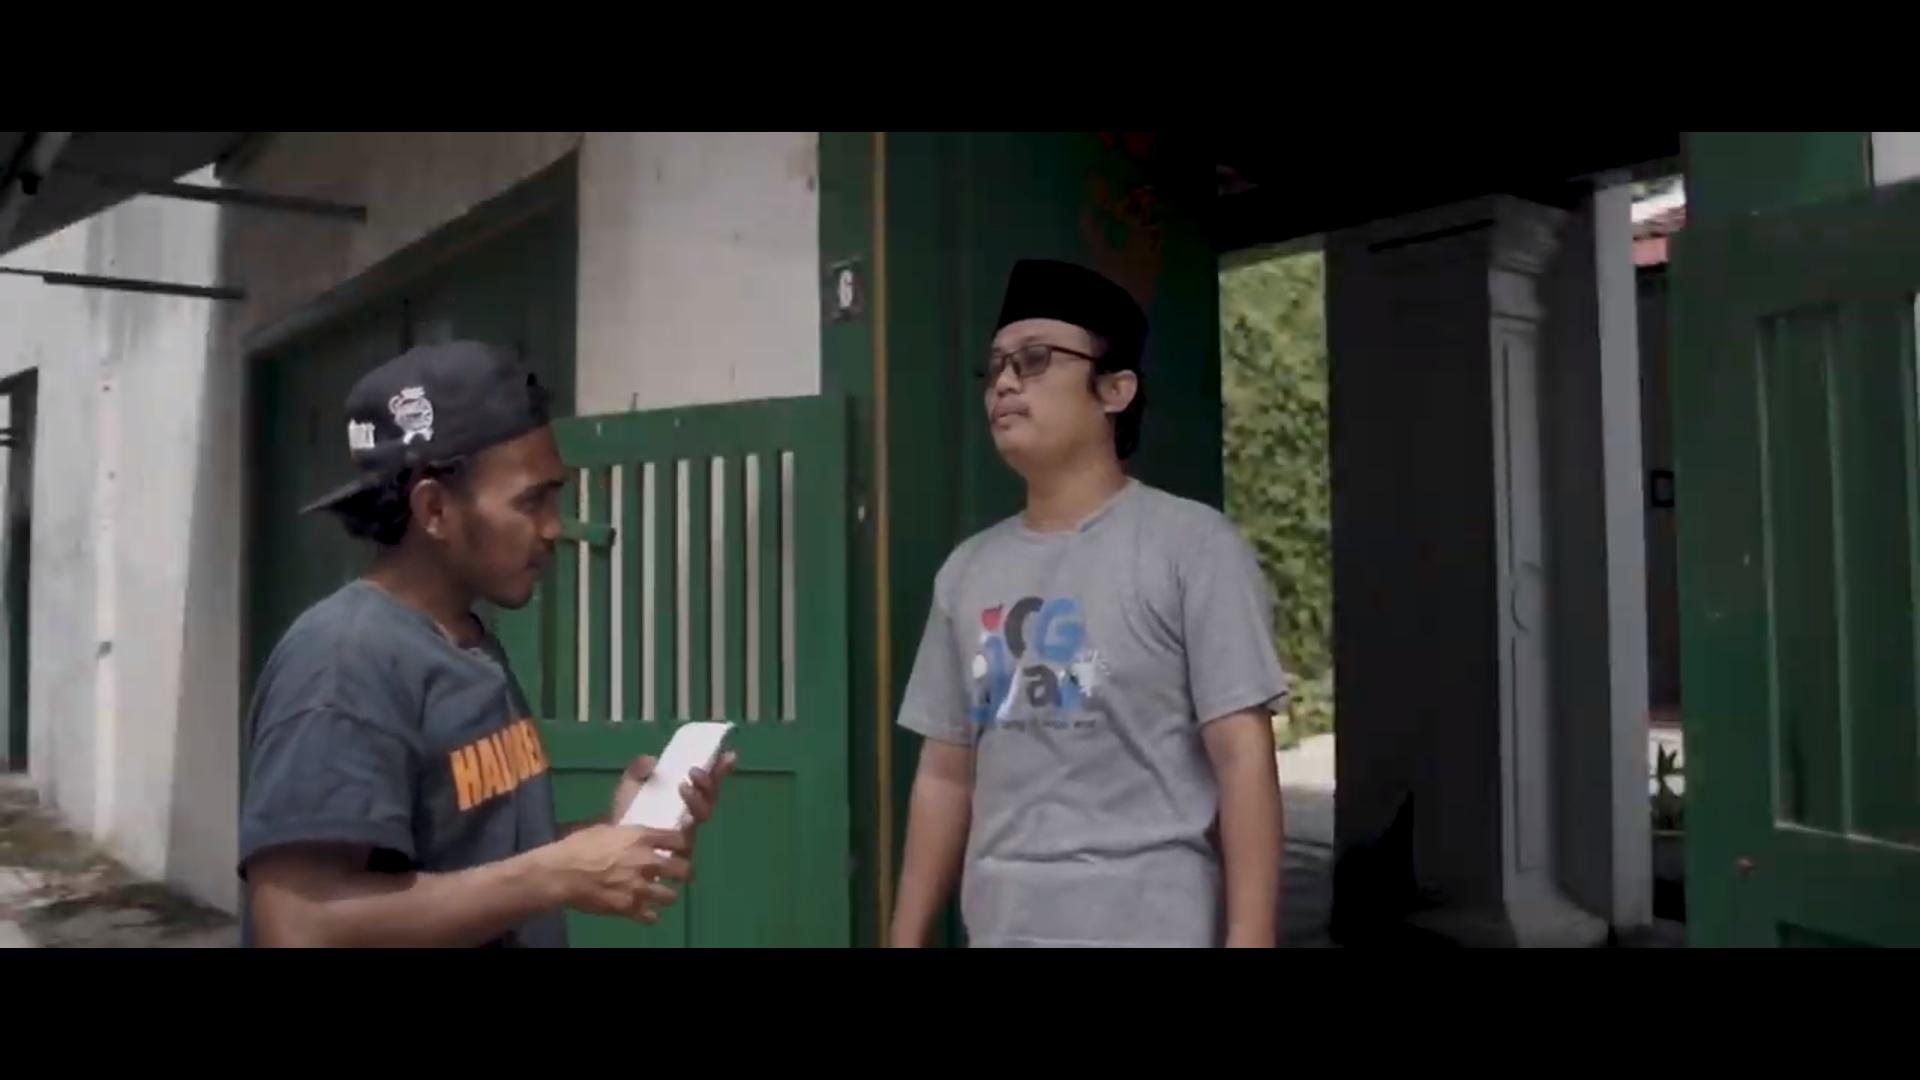 Jaga Silaturahmi Antar Umat Beragama di Rembang, FKUB Luncurkan Film Tepang Kajat